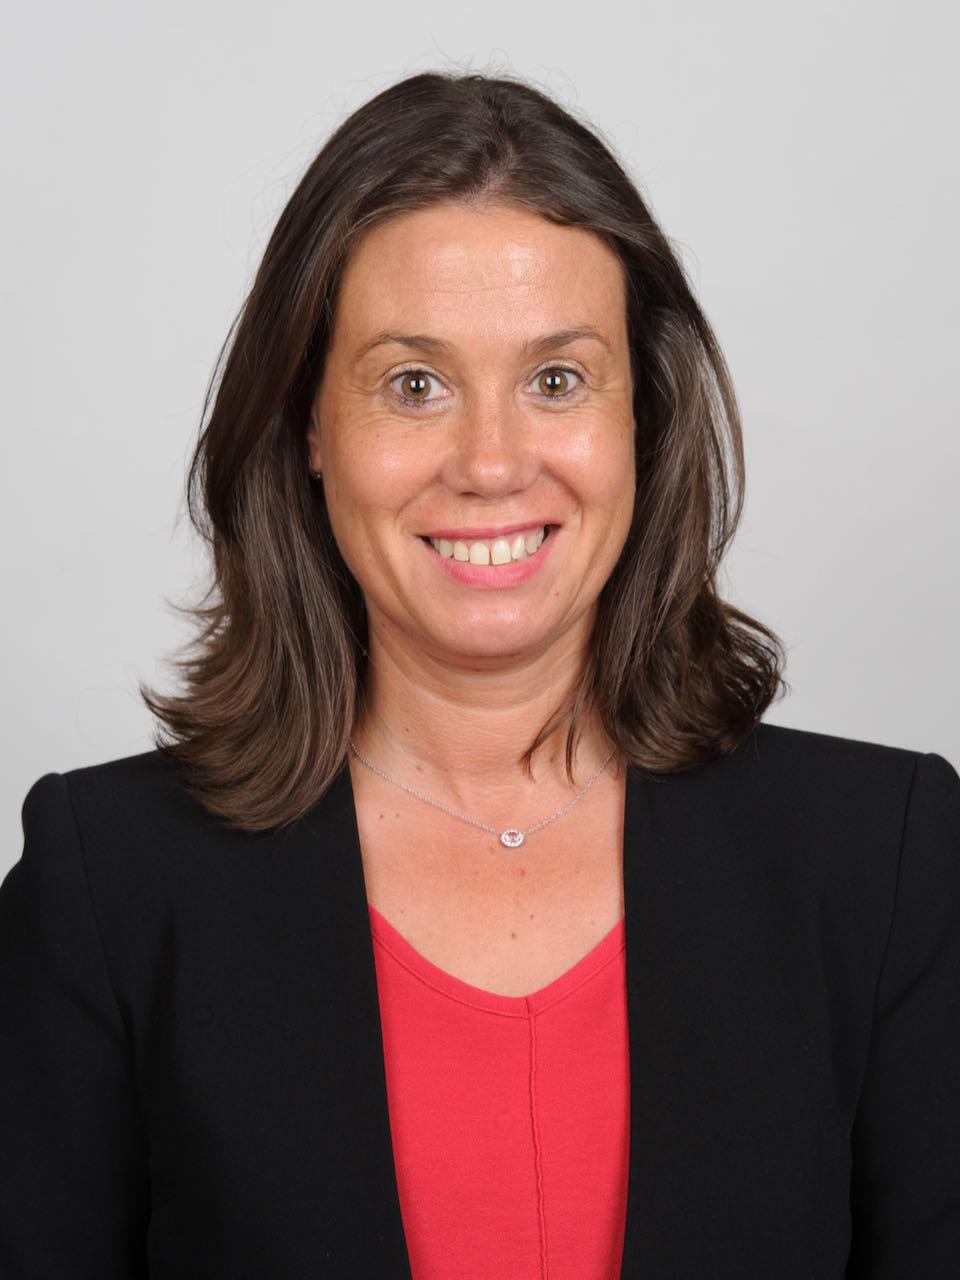 Sra. Montse Jareño Brichs